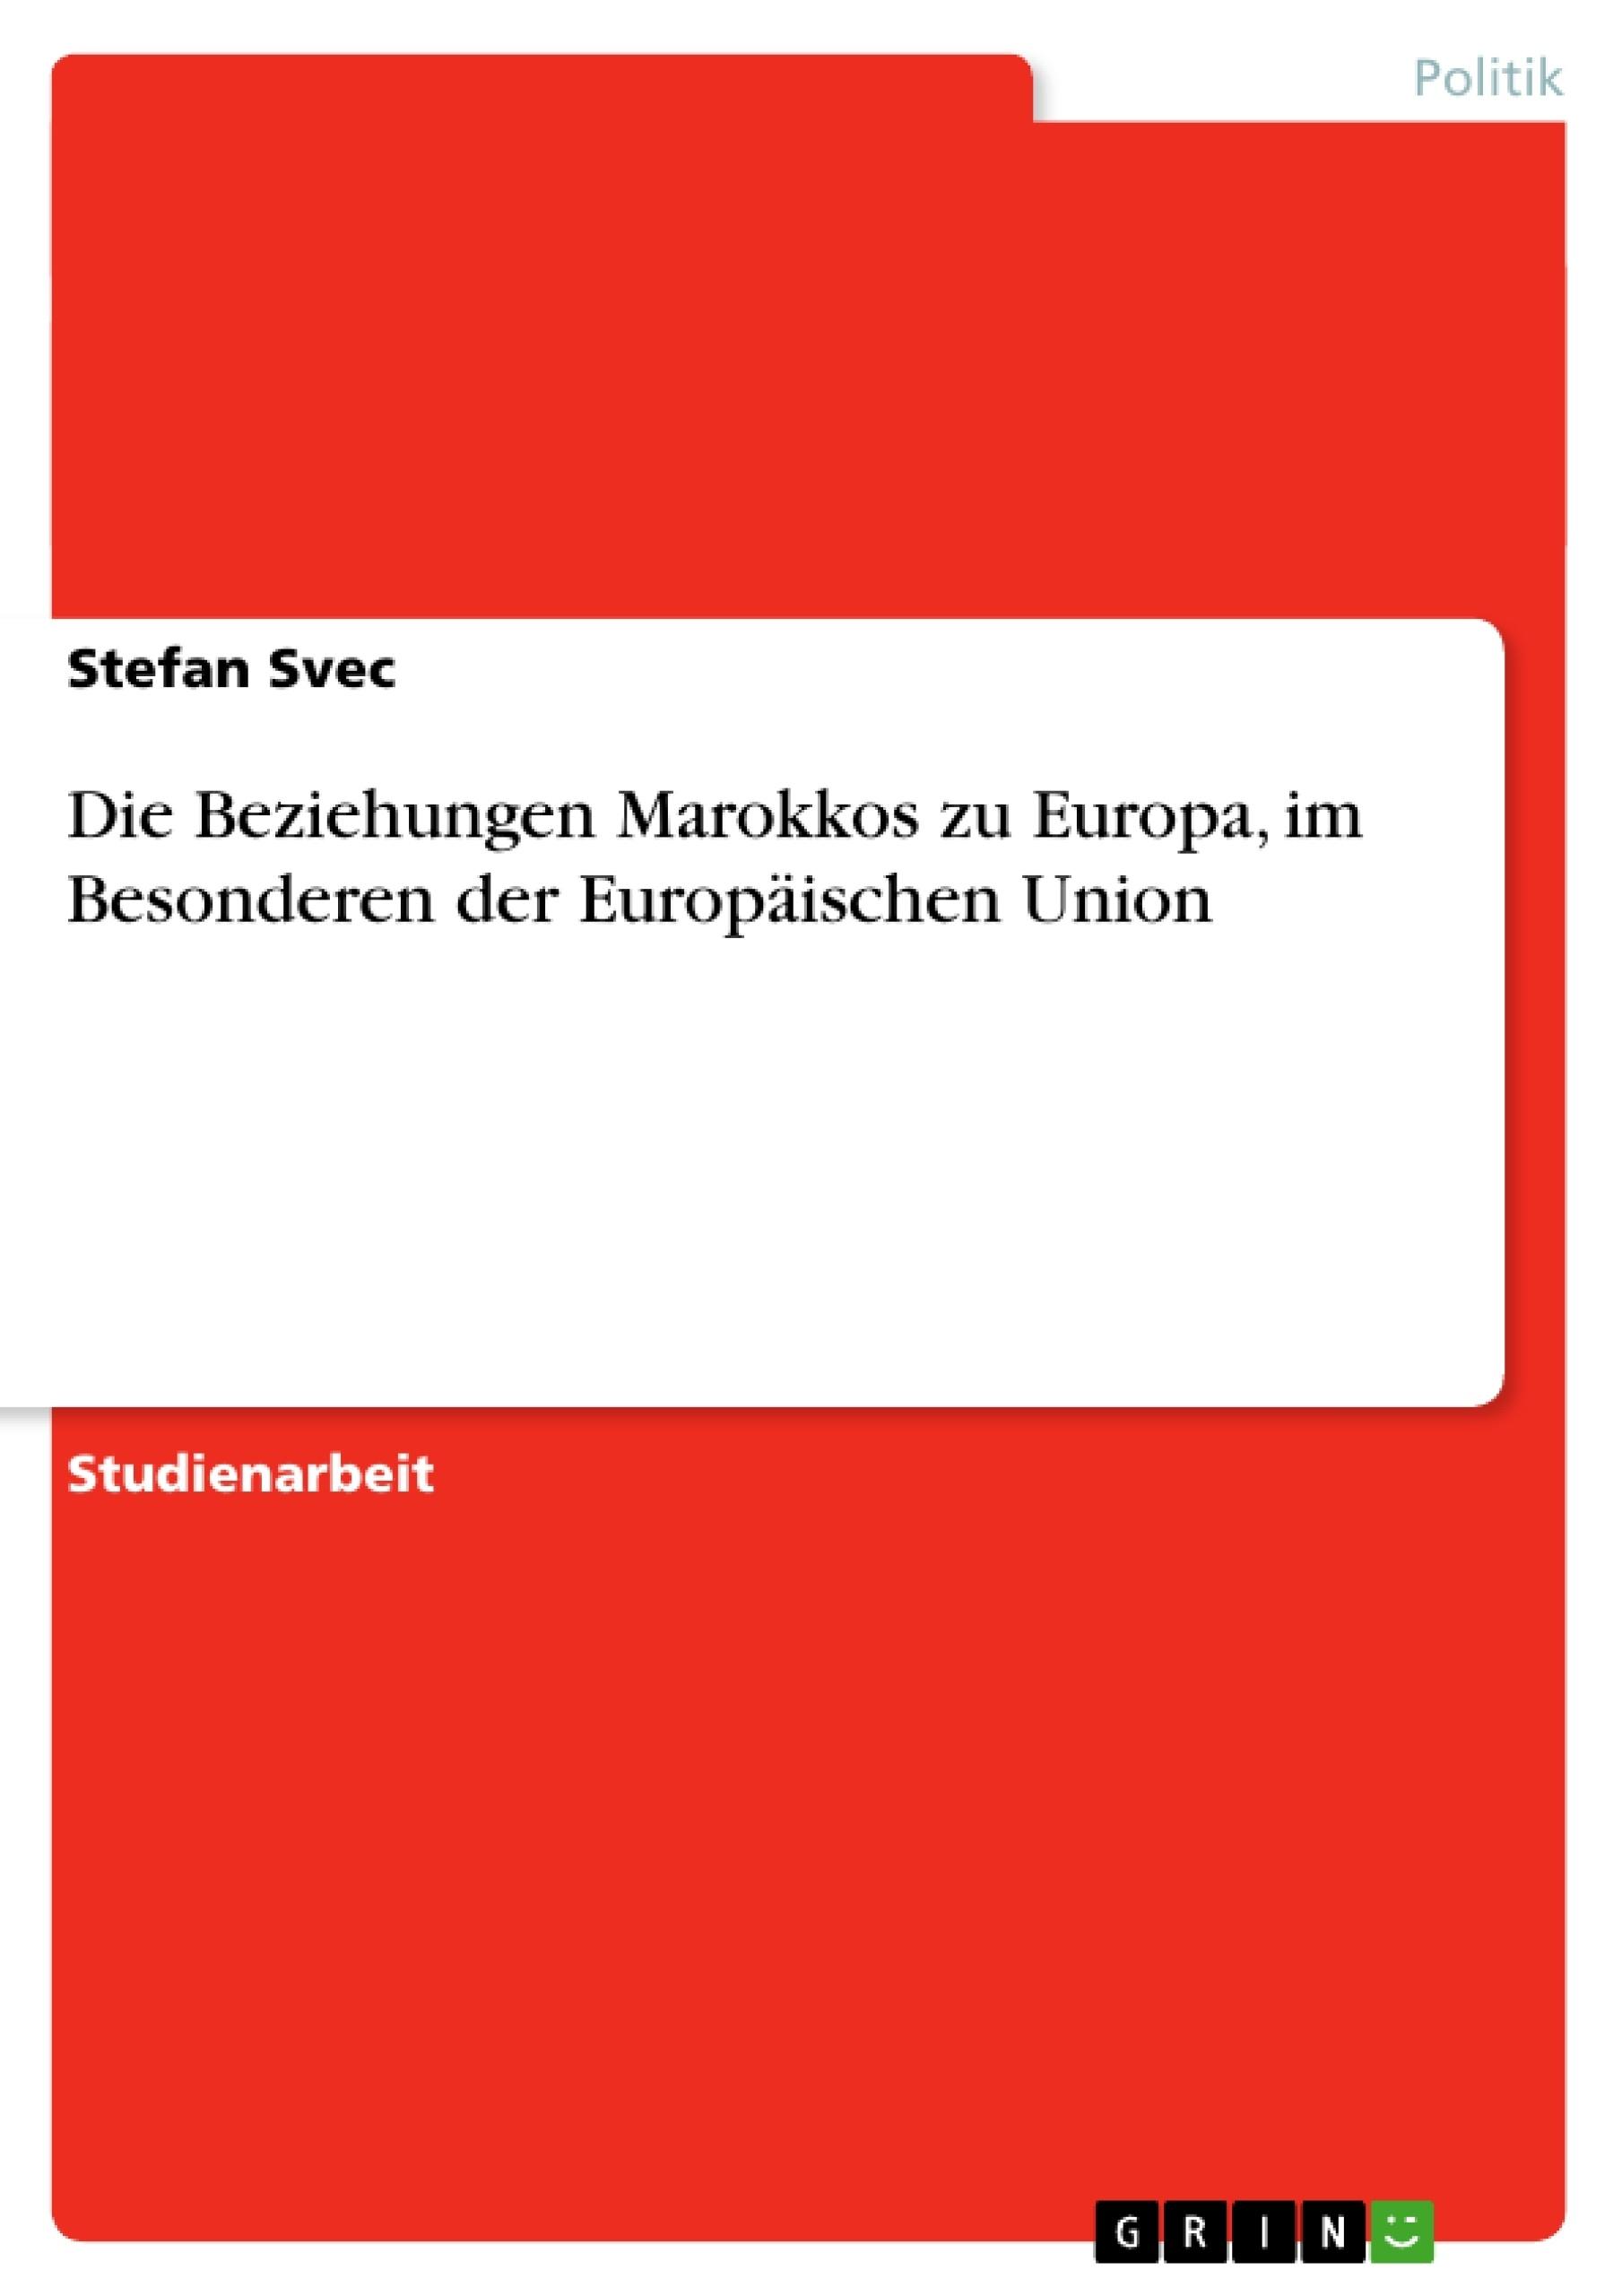 Titel: Die Beziehungen Marokkos zu Europa, im Besonderen der Europäischen Union